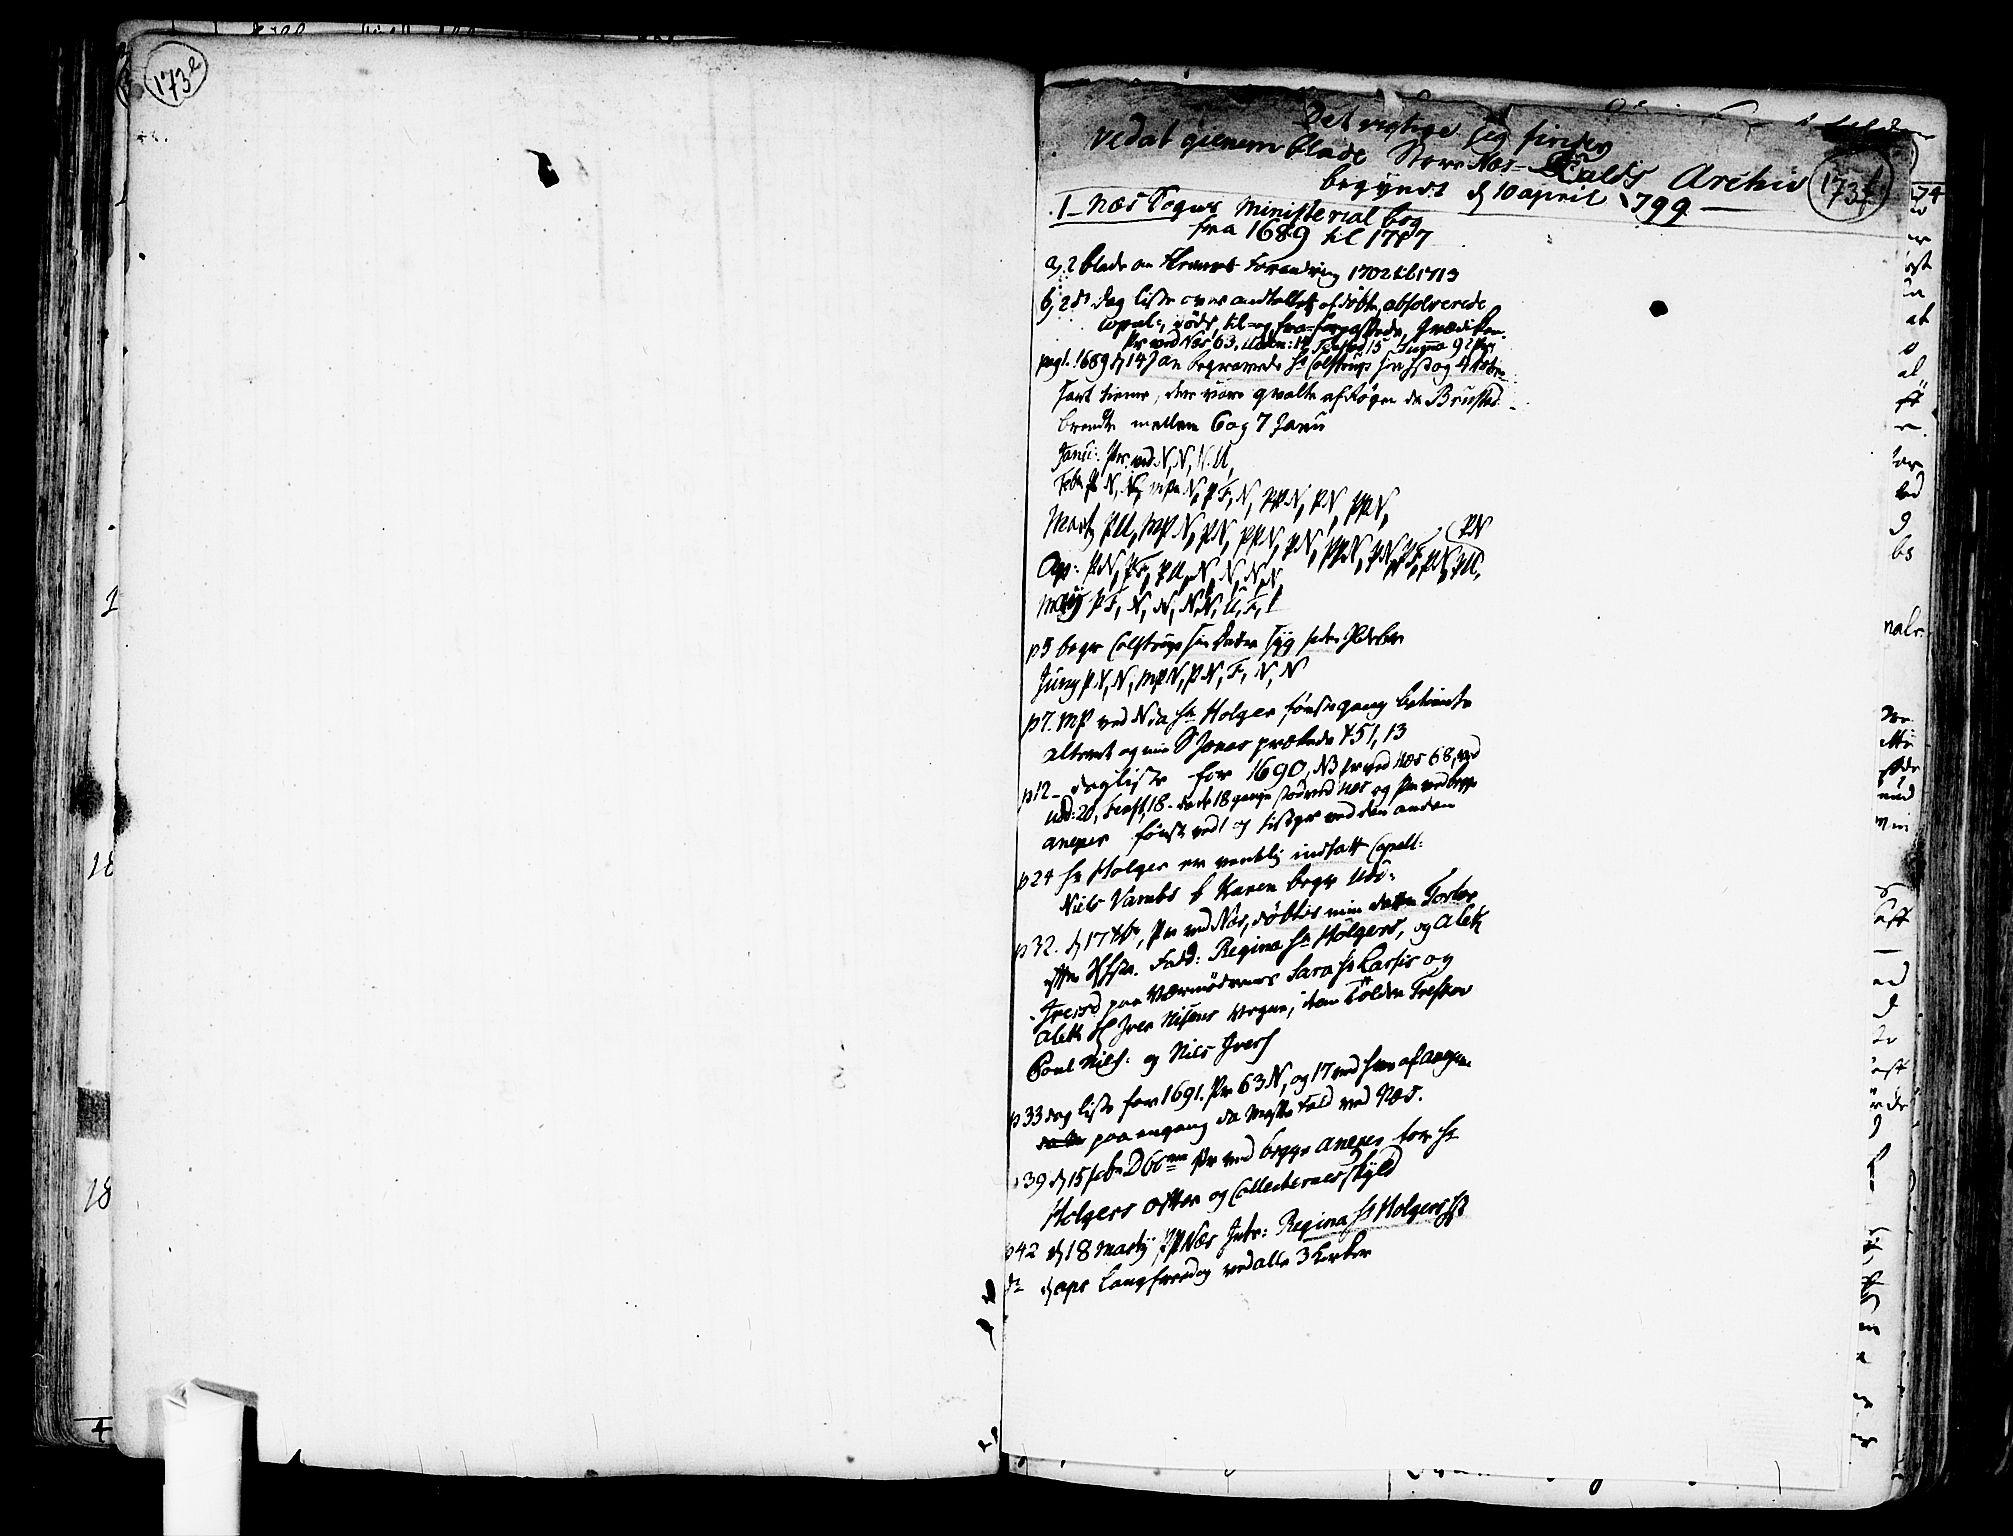 SAO, Nes prestekontor Kirkebøker, F/Fa/L0001: Ministerialbok nr. I 1, 1689-1716, s. 173f